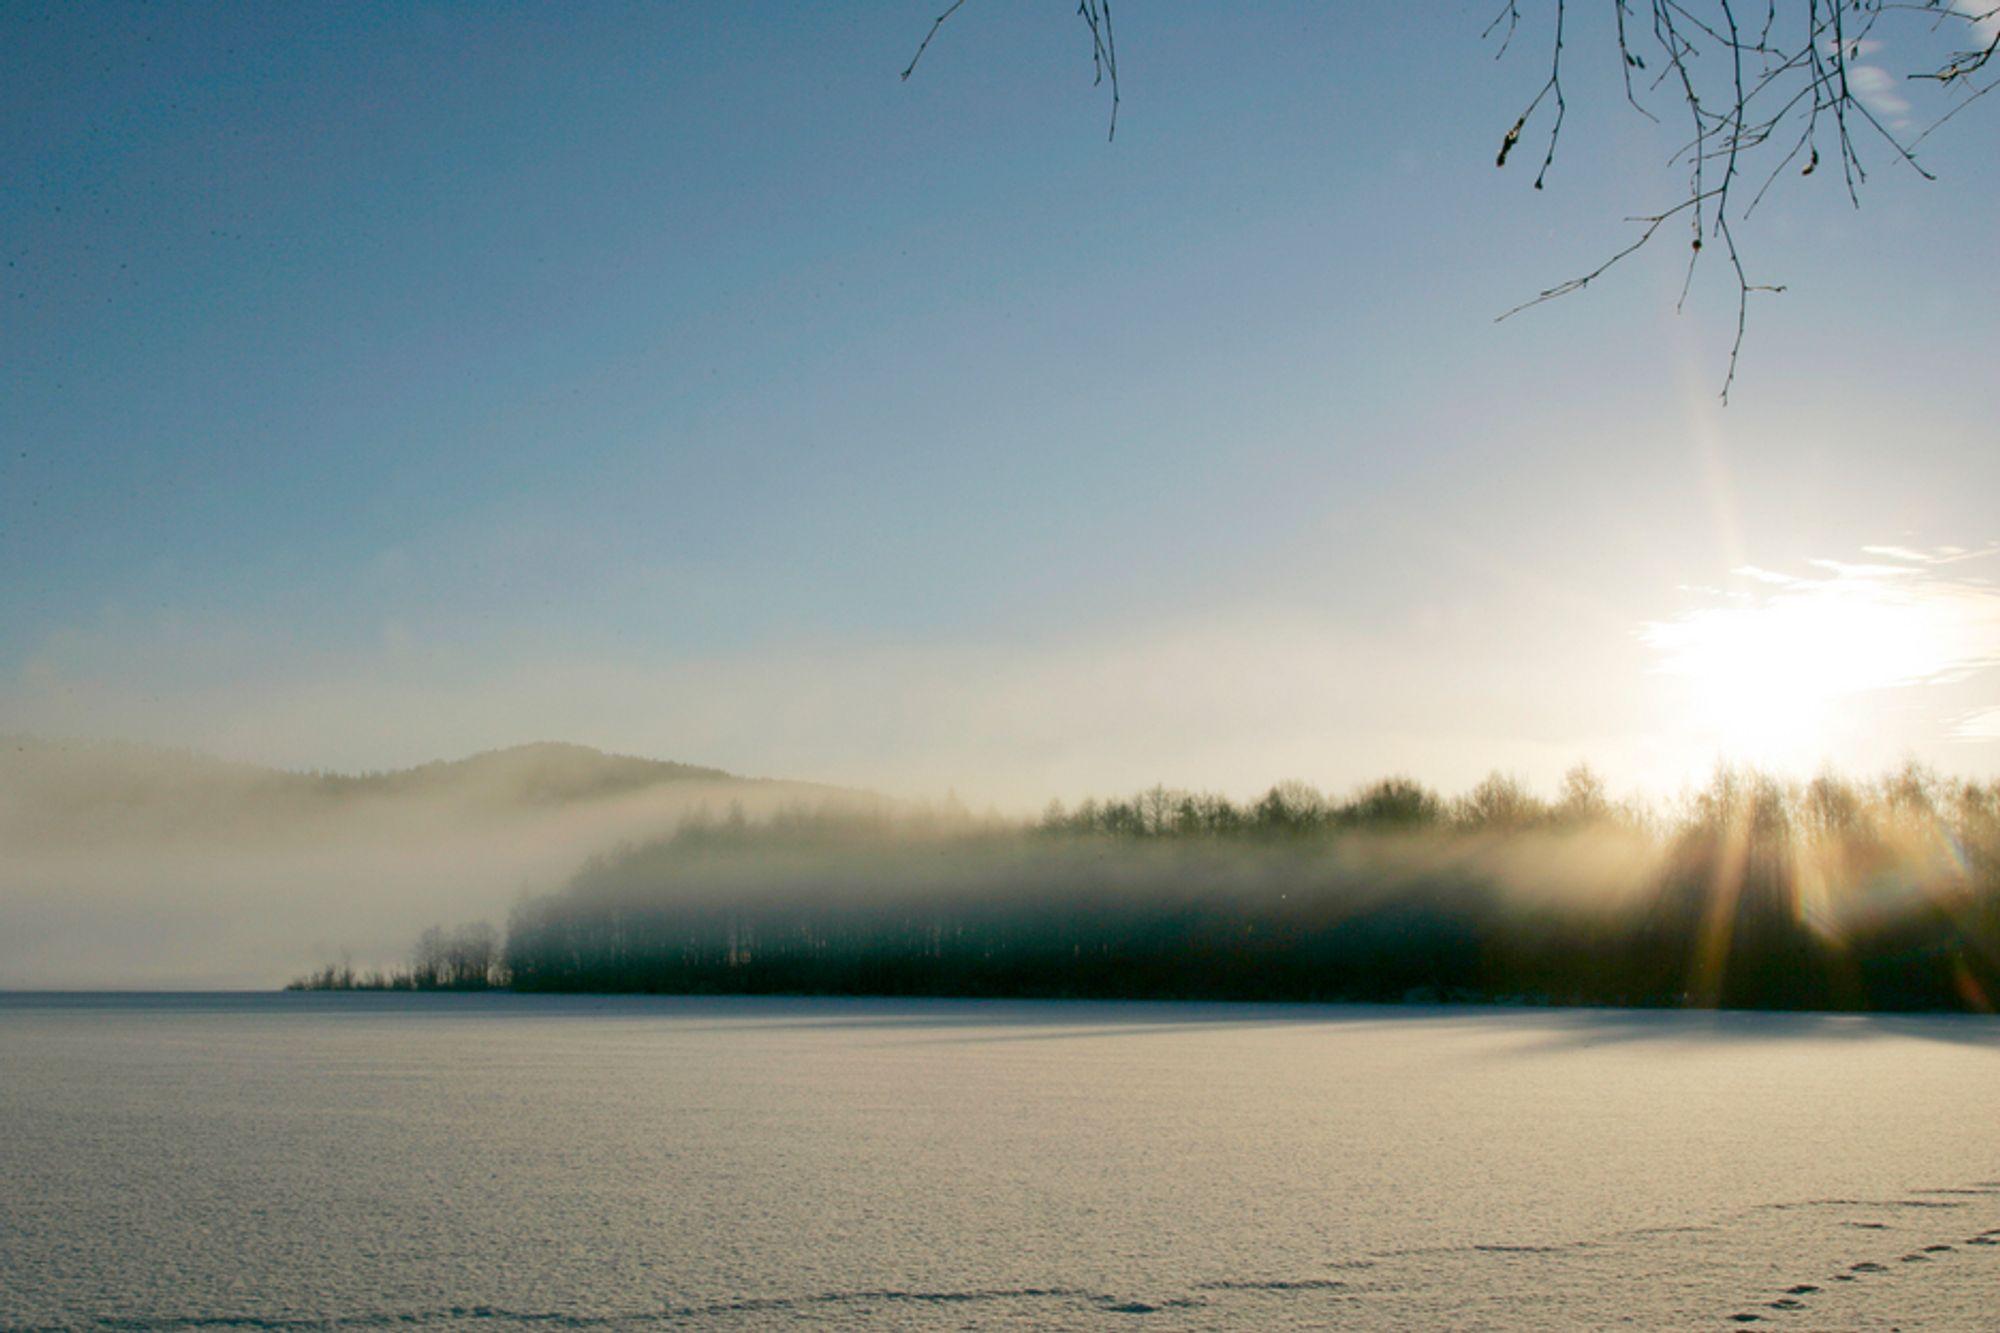 KALDT: Desember har vært kaldere enn normalt i det meste av landet. Kaldest har det vært i Agder, hvor desember 2010 ble den kaldeste siden målingene startet i 1900.